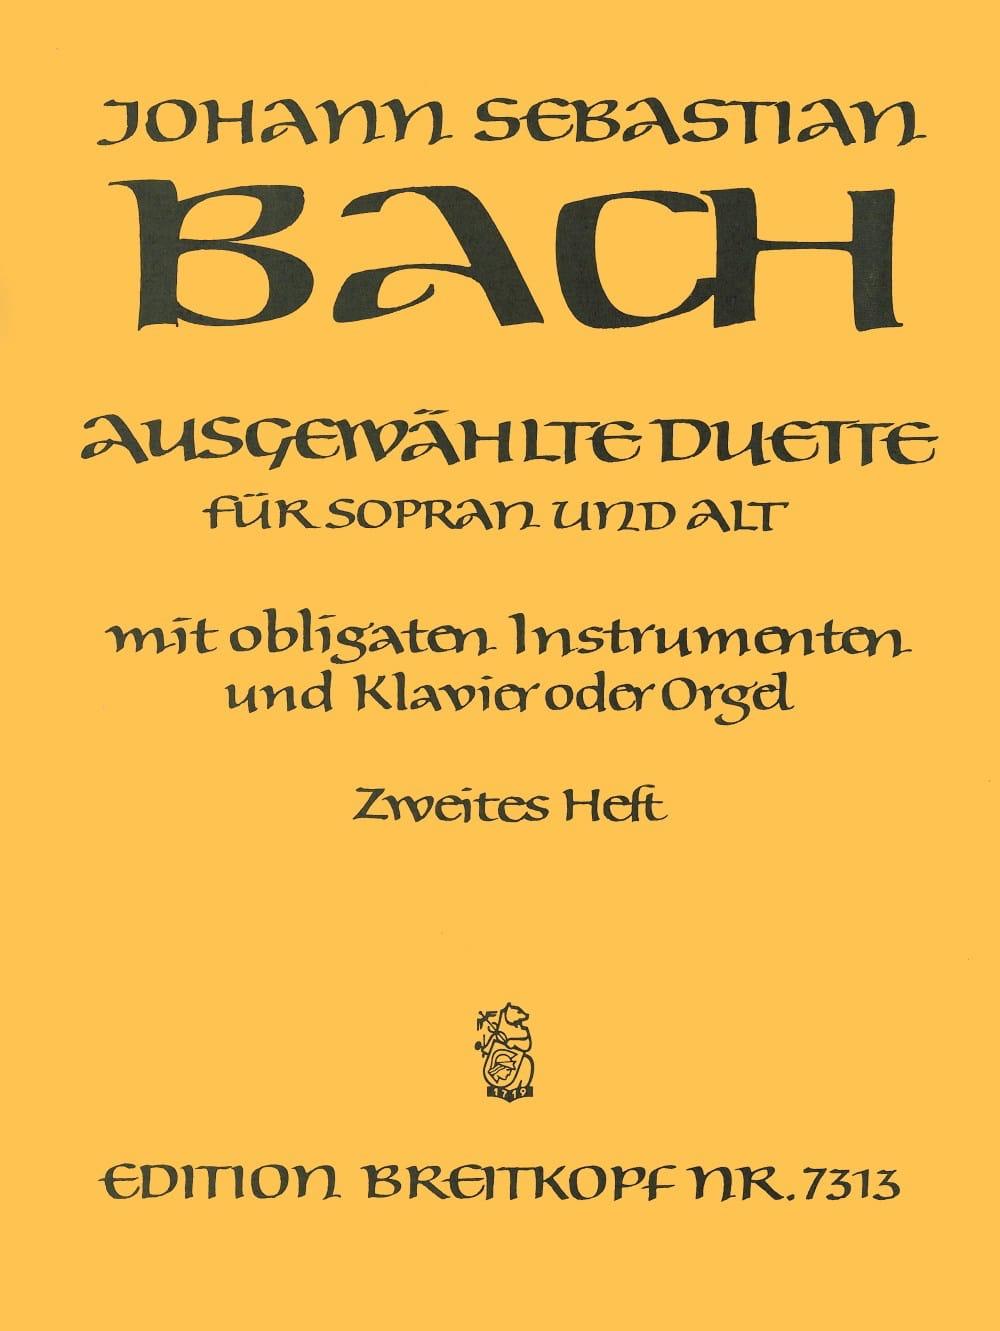 BACH - Ausgewählte Duet Sopran y Alt Volume 2 - Partition - di-arezzo.es